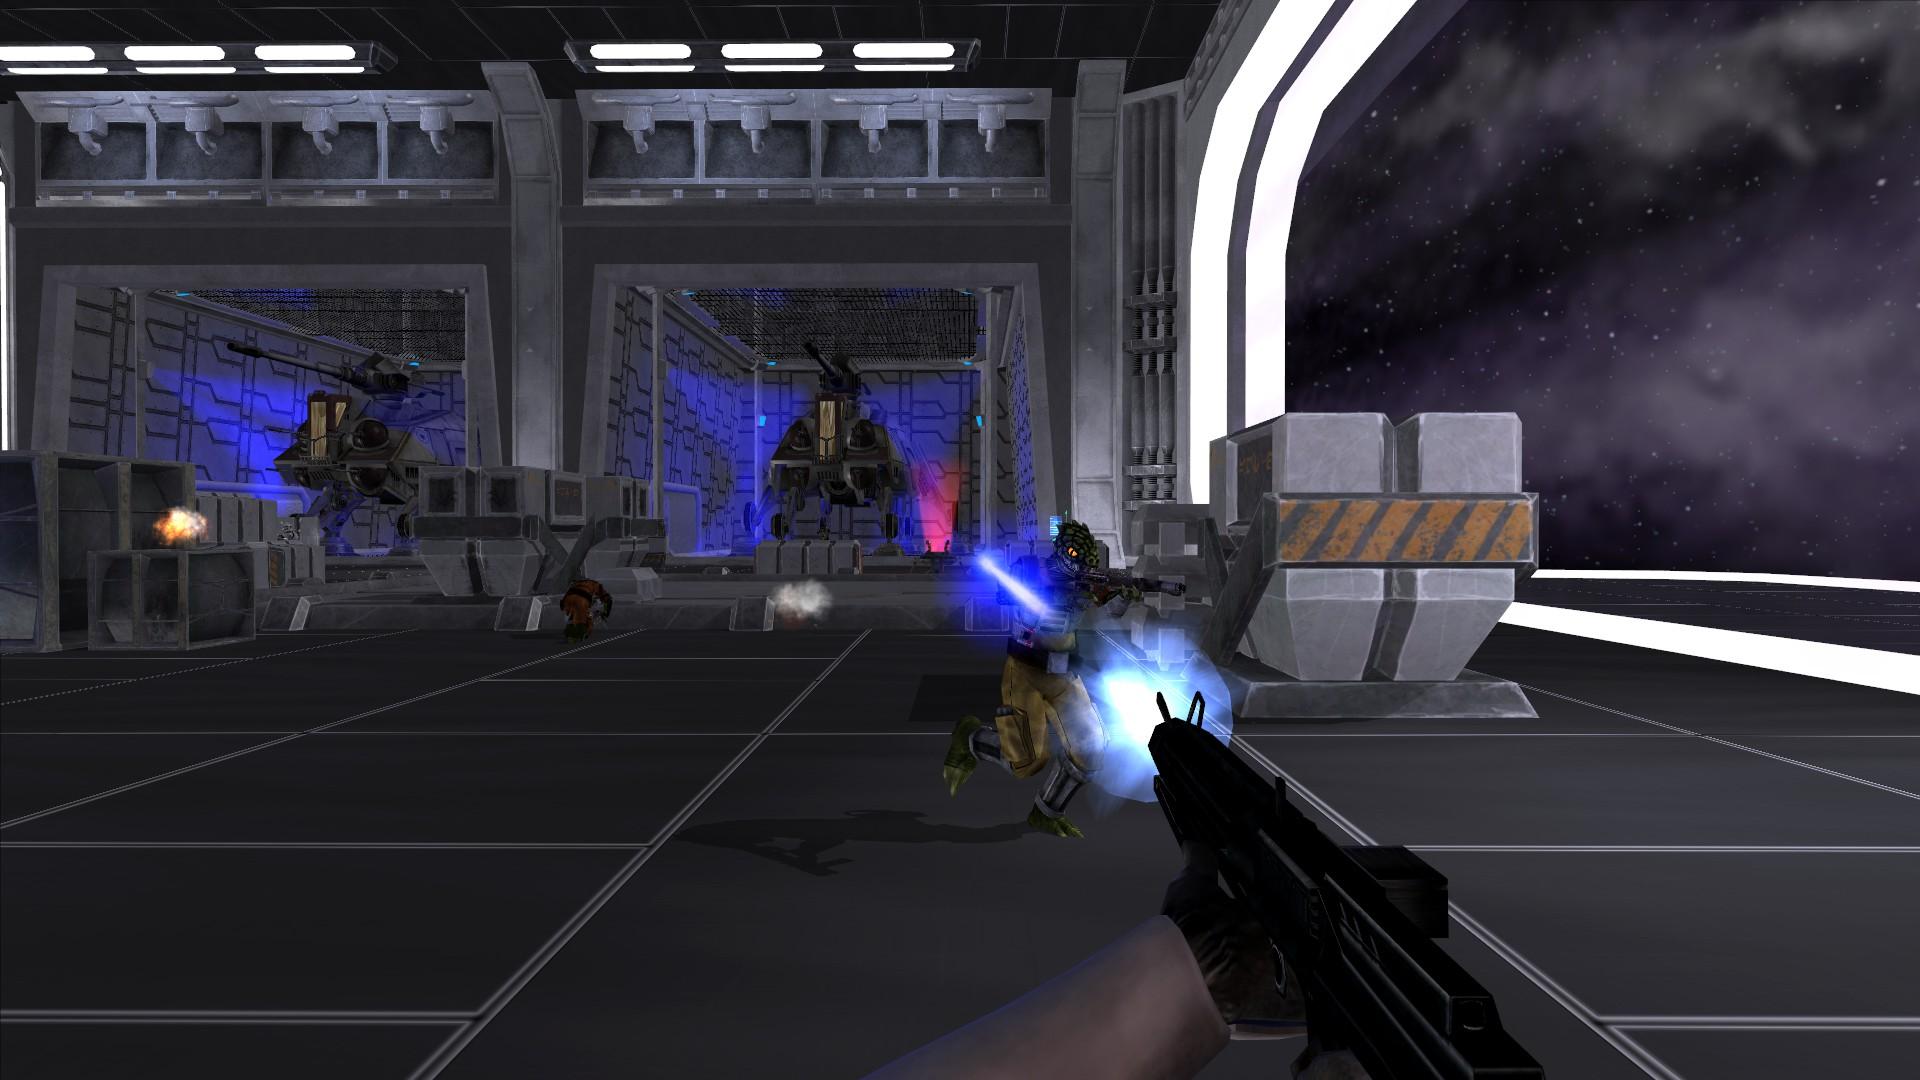 Скачать мод на star wars battlefront 2